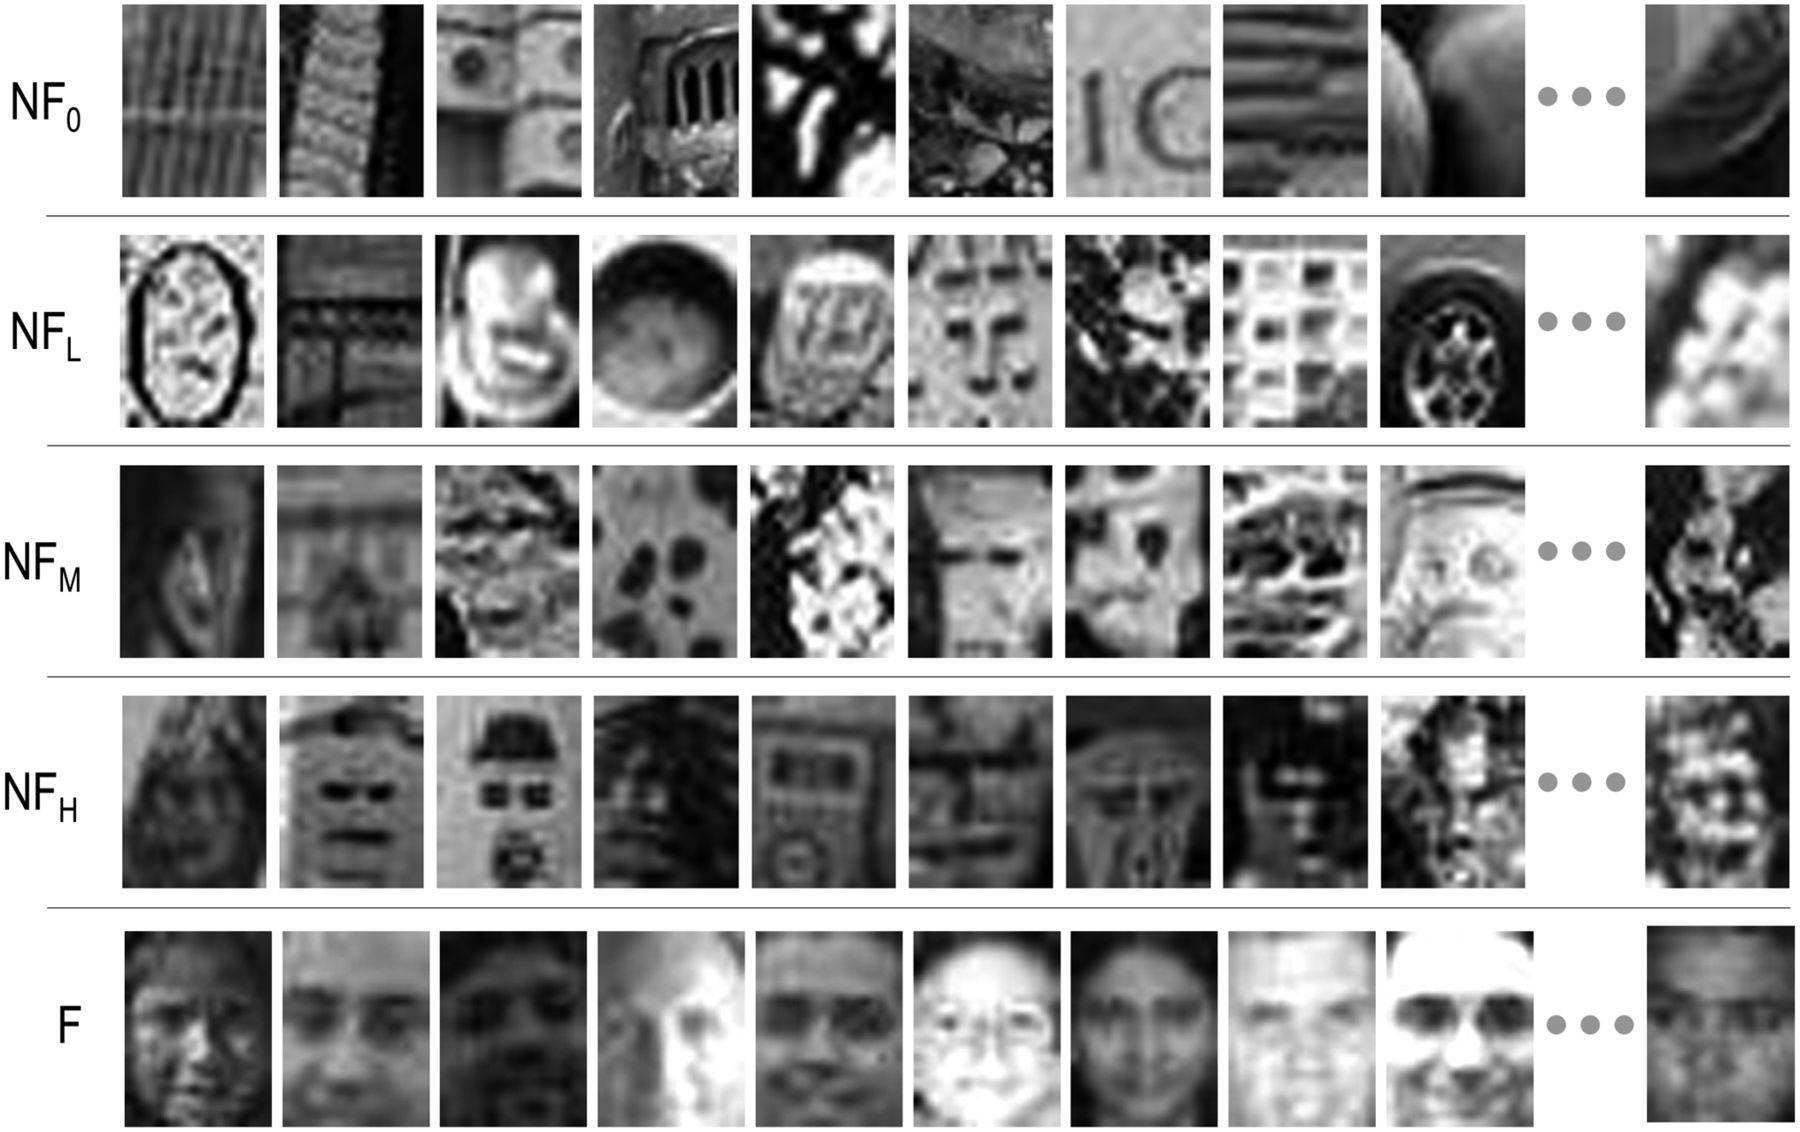 Пять типов изображений, которые использовали при тестировании